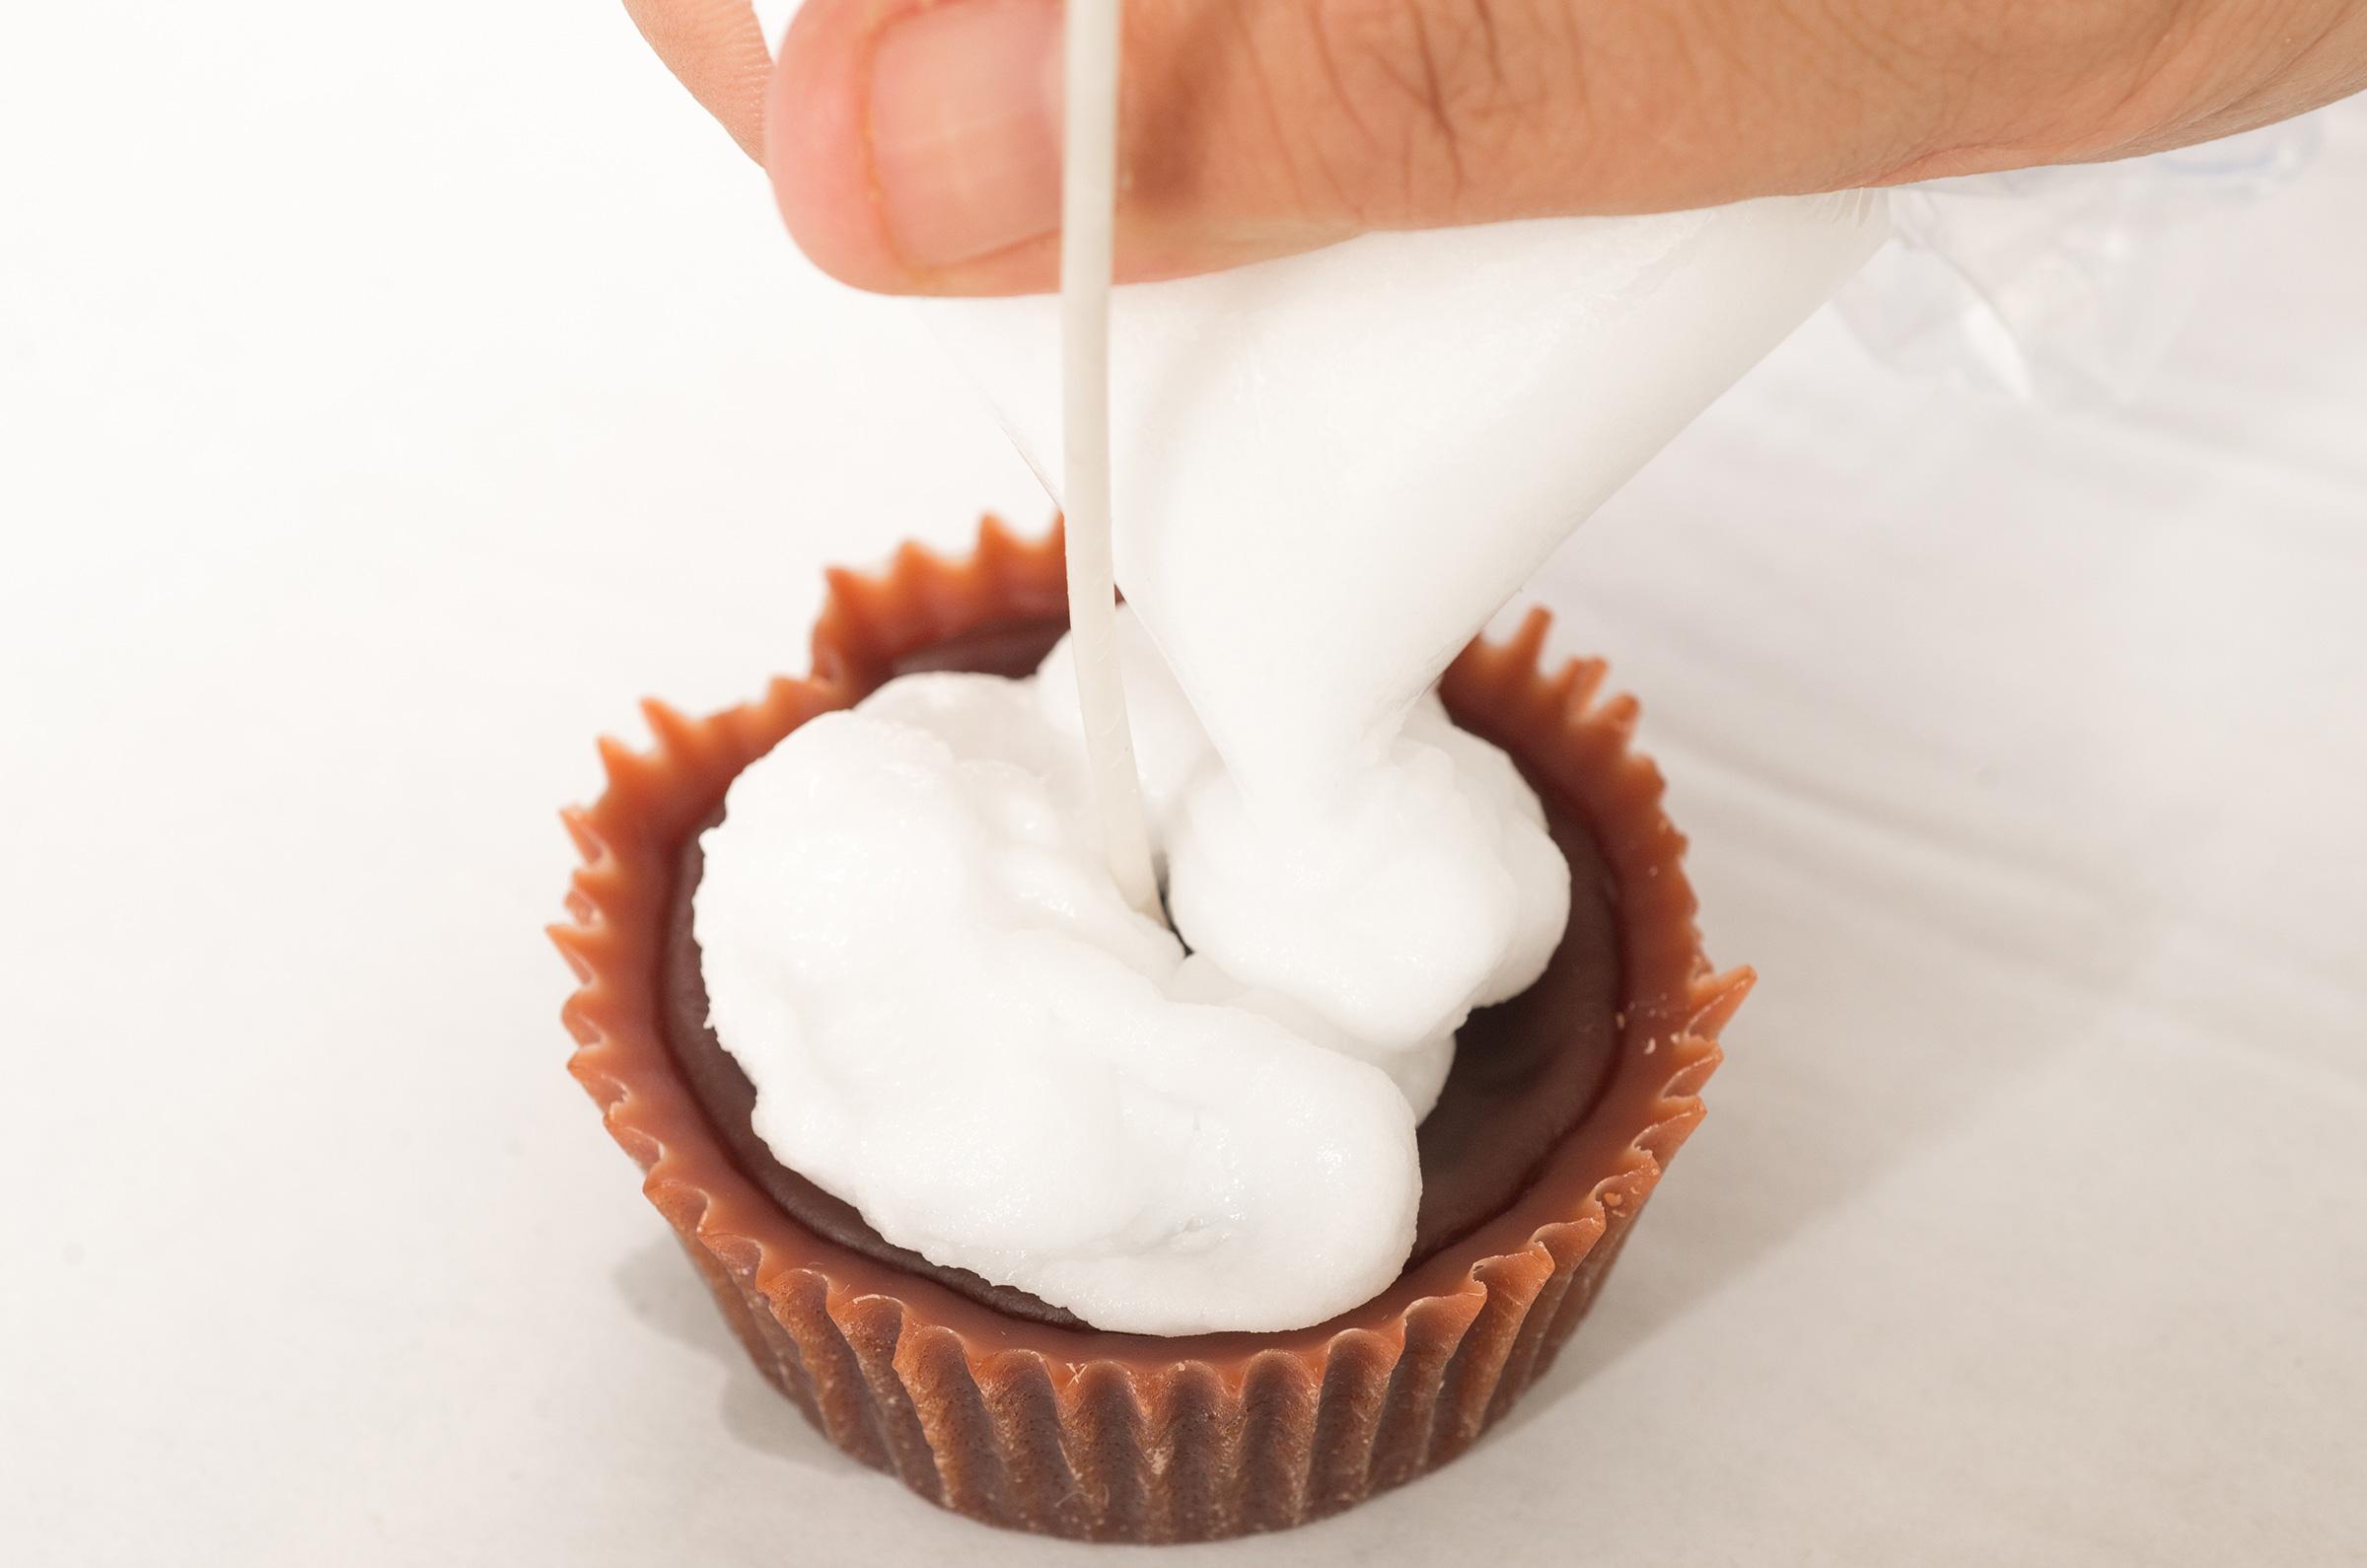 piping wax onto cupcake